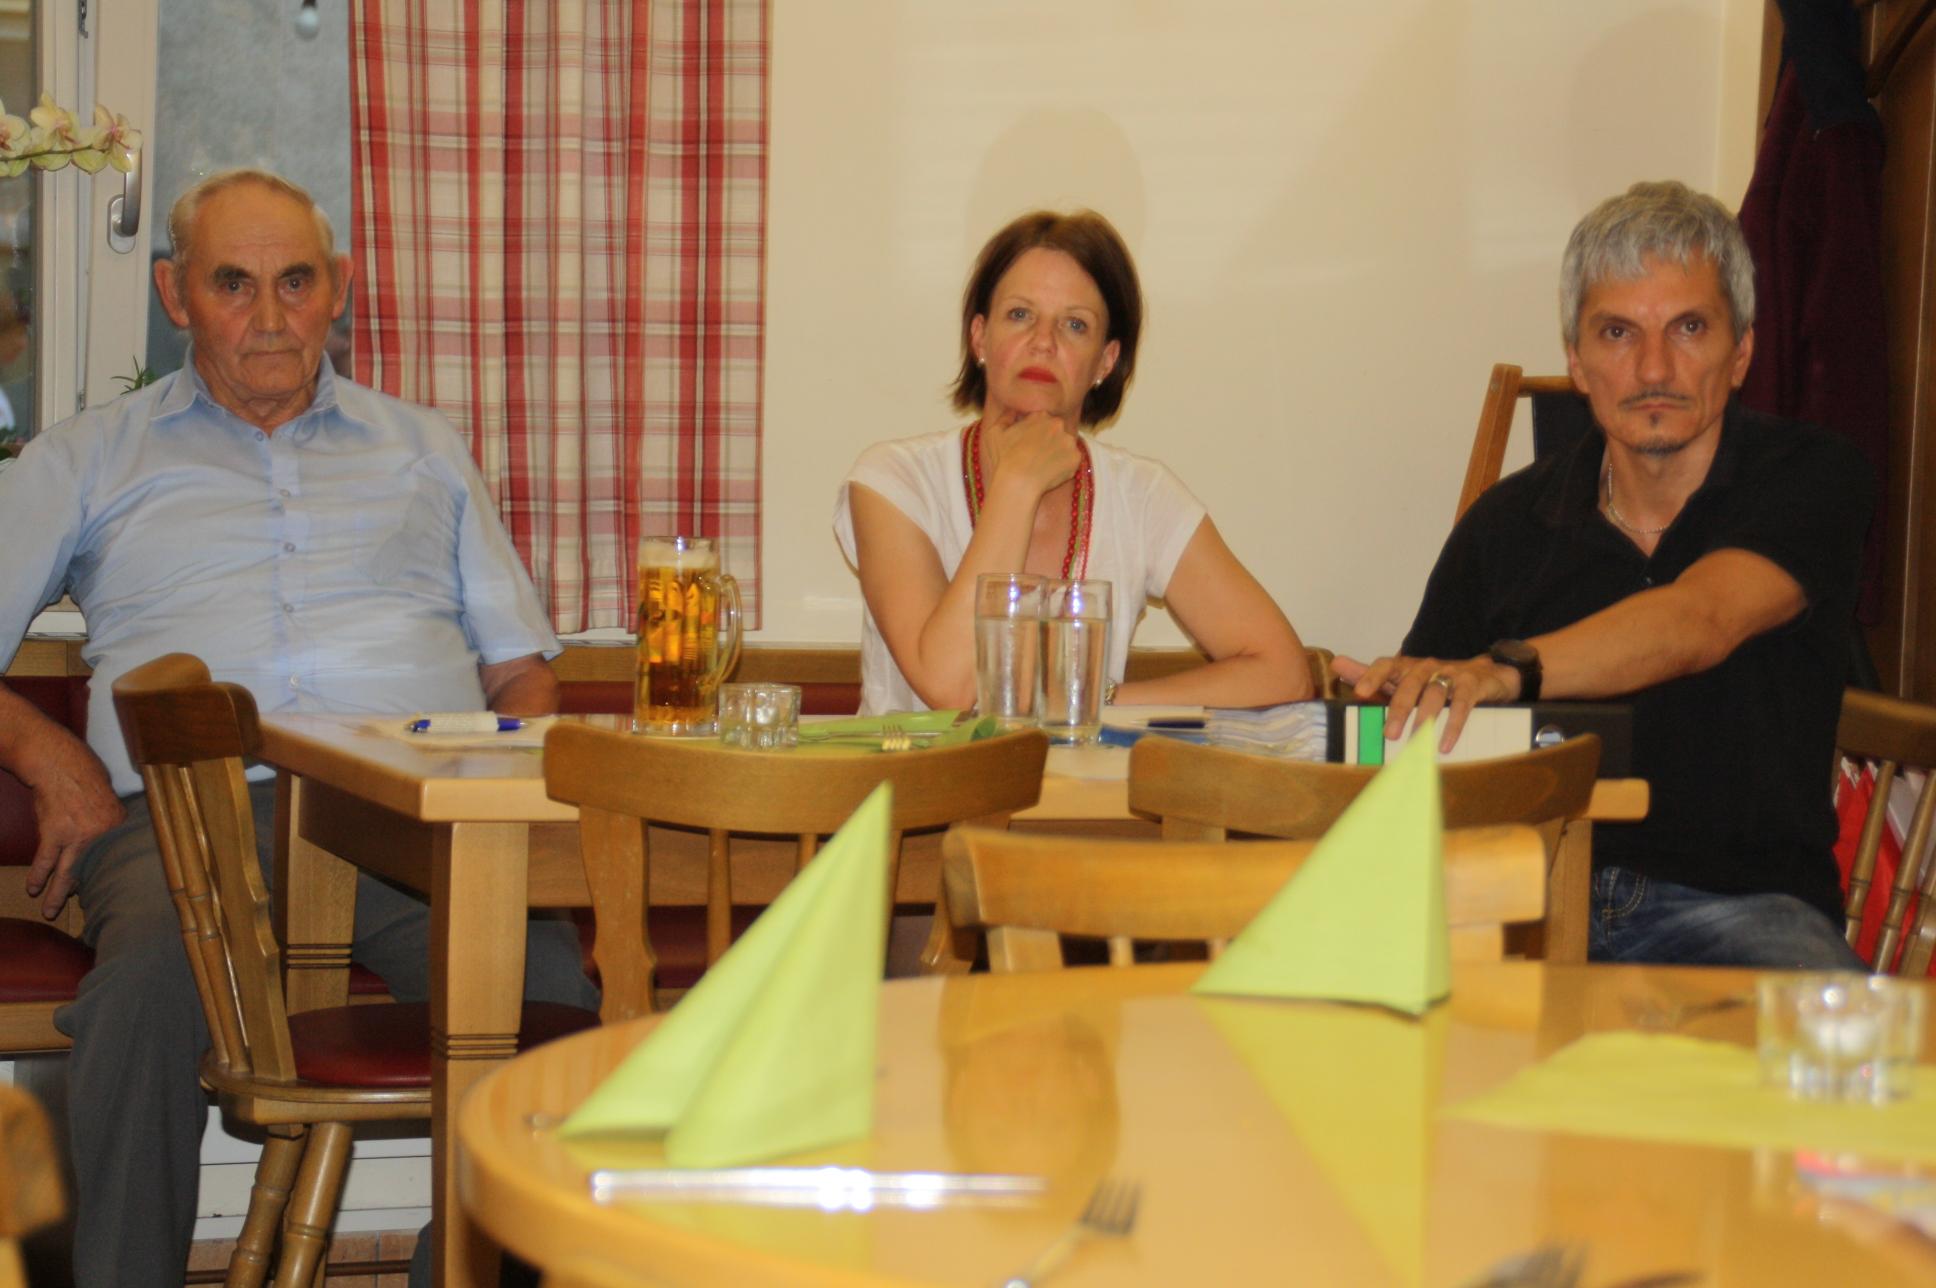 """Treffen der BI Rezelsdorf gegen Windräder an der Landkreisgrenze im """"Goldnen Engel"""" Weisendorf: Am Vorstandstisch sitzen (von rechts) BI-Sprecher Wolfgang Leideck, seine Frau, ein Arnshöchstädter Bürger."""